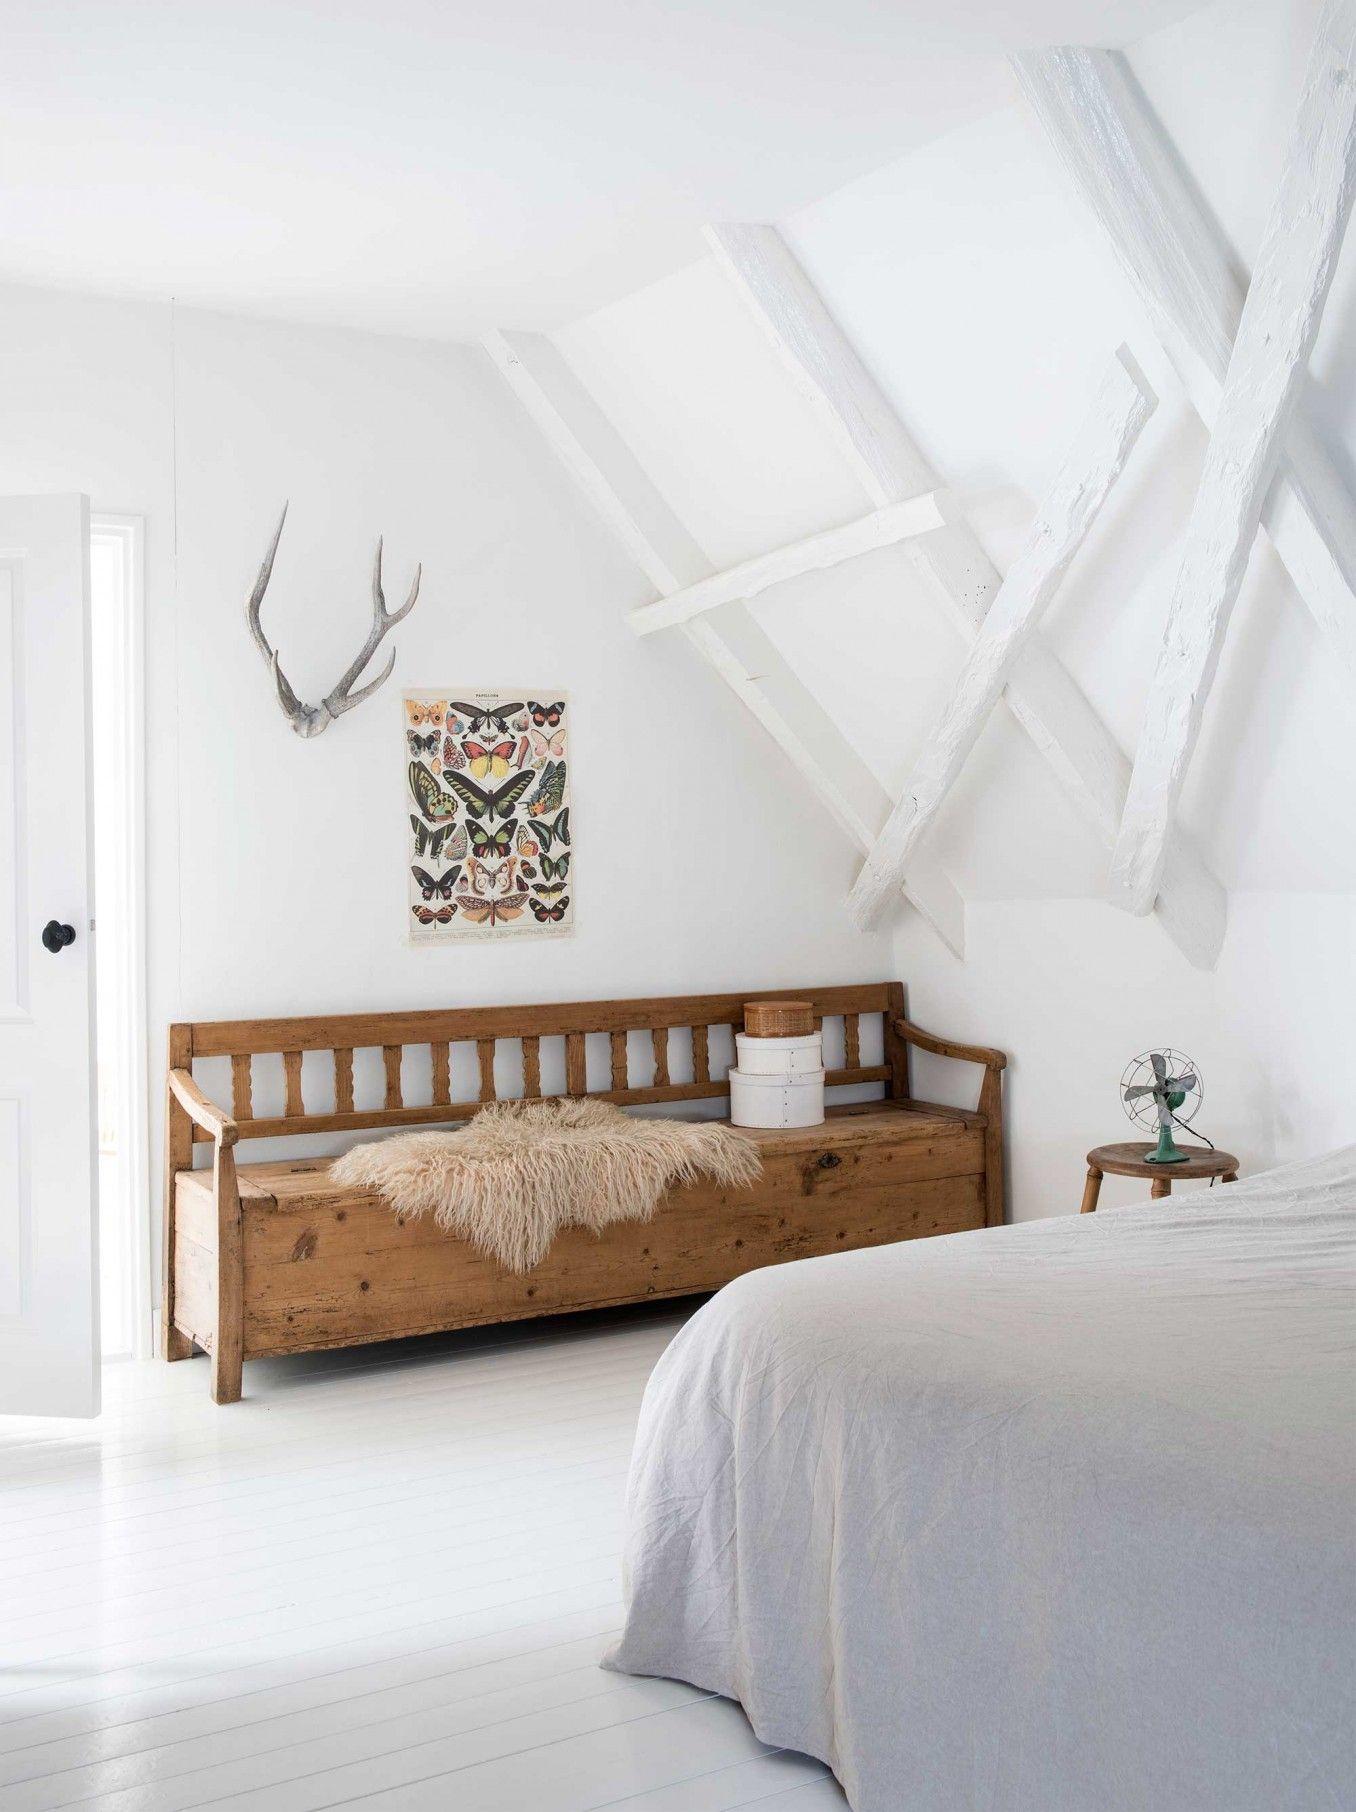 dcouvrez une magnifique maison rustique chic aux pays bas un style authentique tout en lgret et lgance - Chambre Rustique Chic